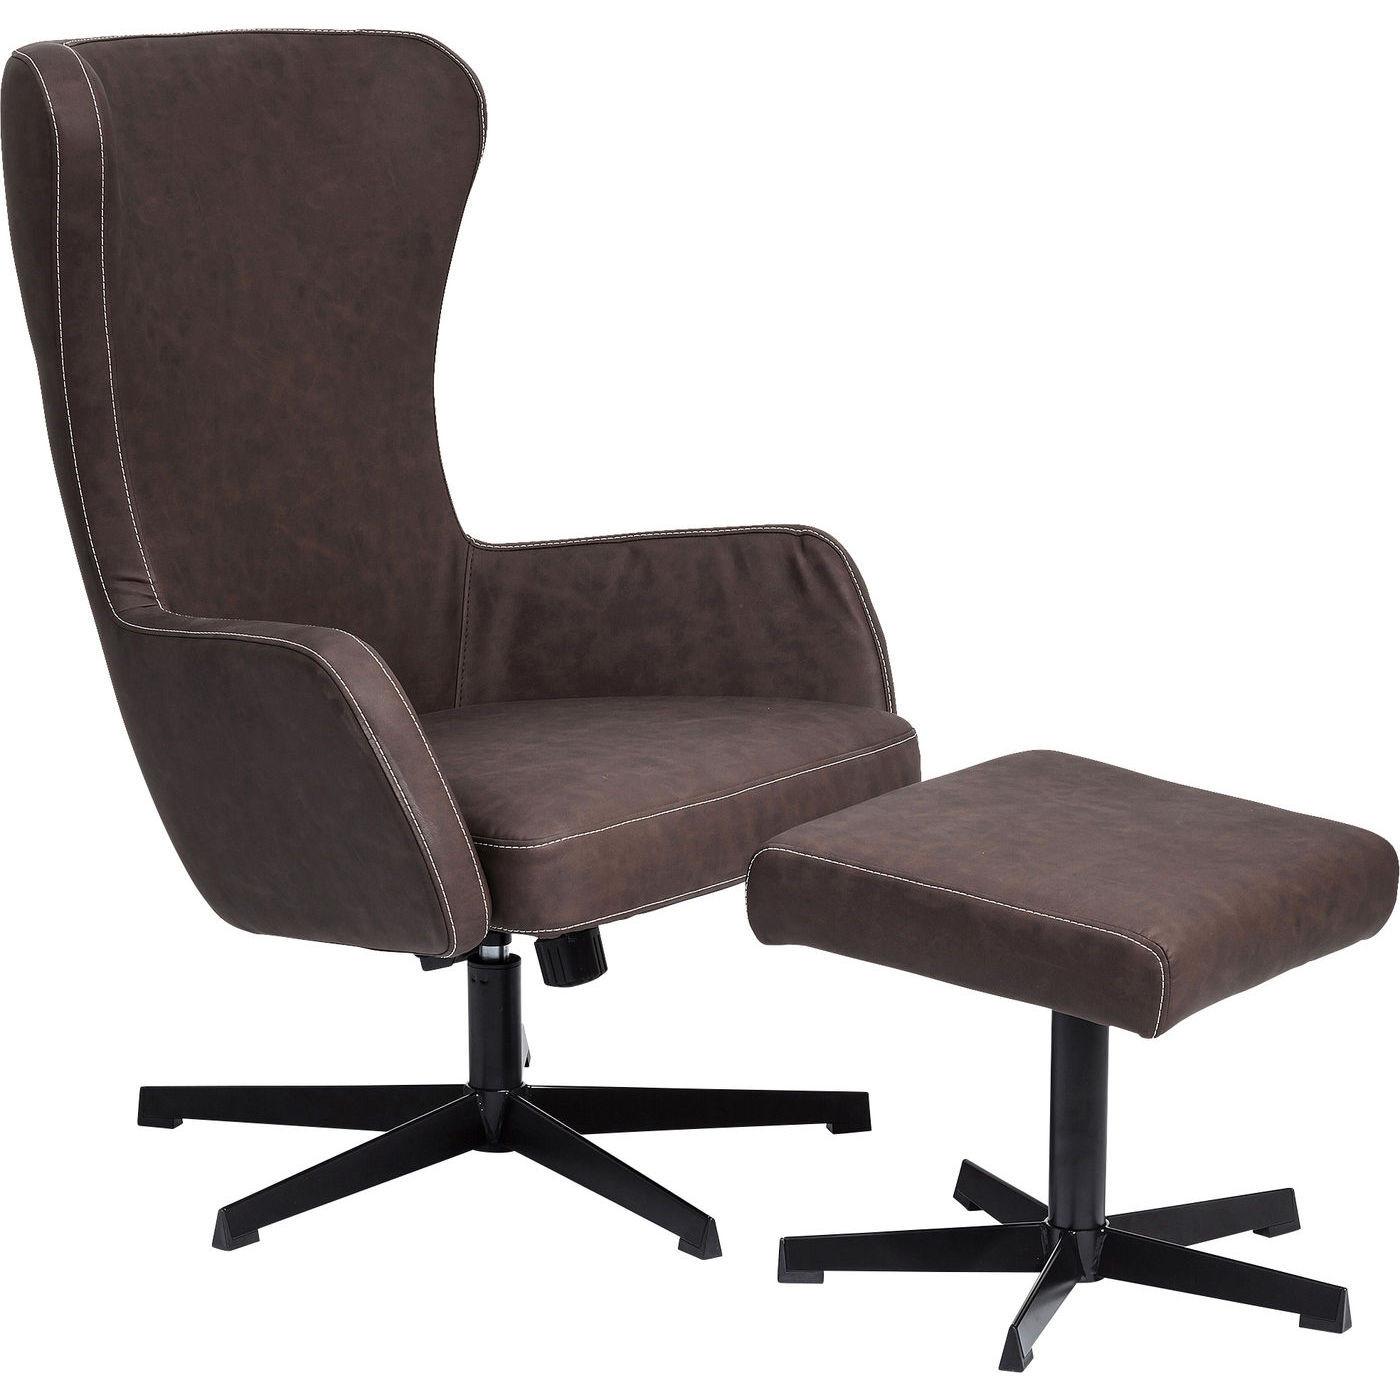 drehsessel hocker montana braun kare design mutoni m bel. Black Bedroom Furniture Sets. Home Design Ideas